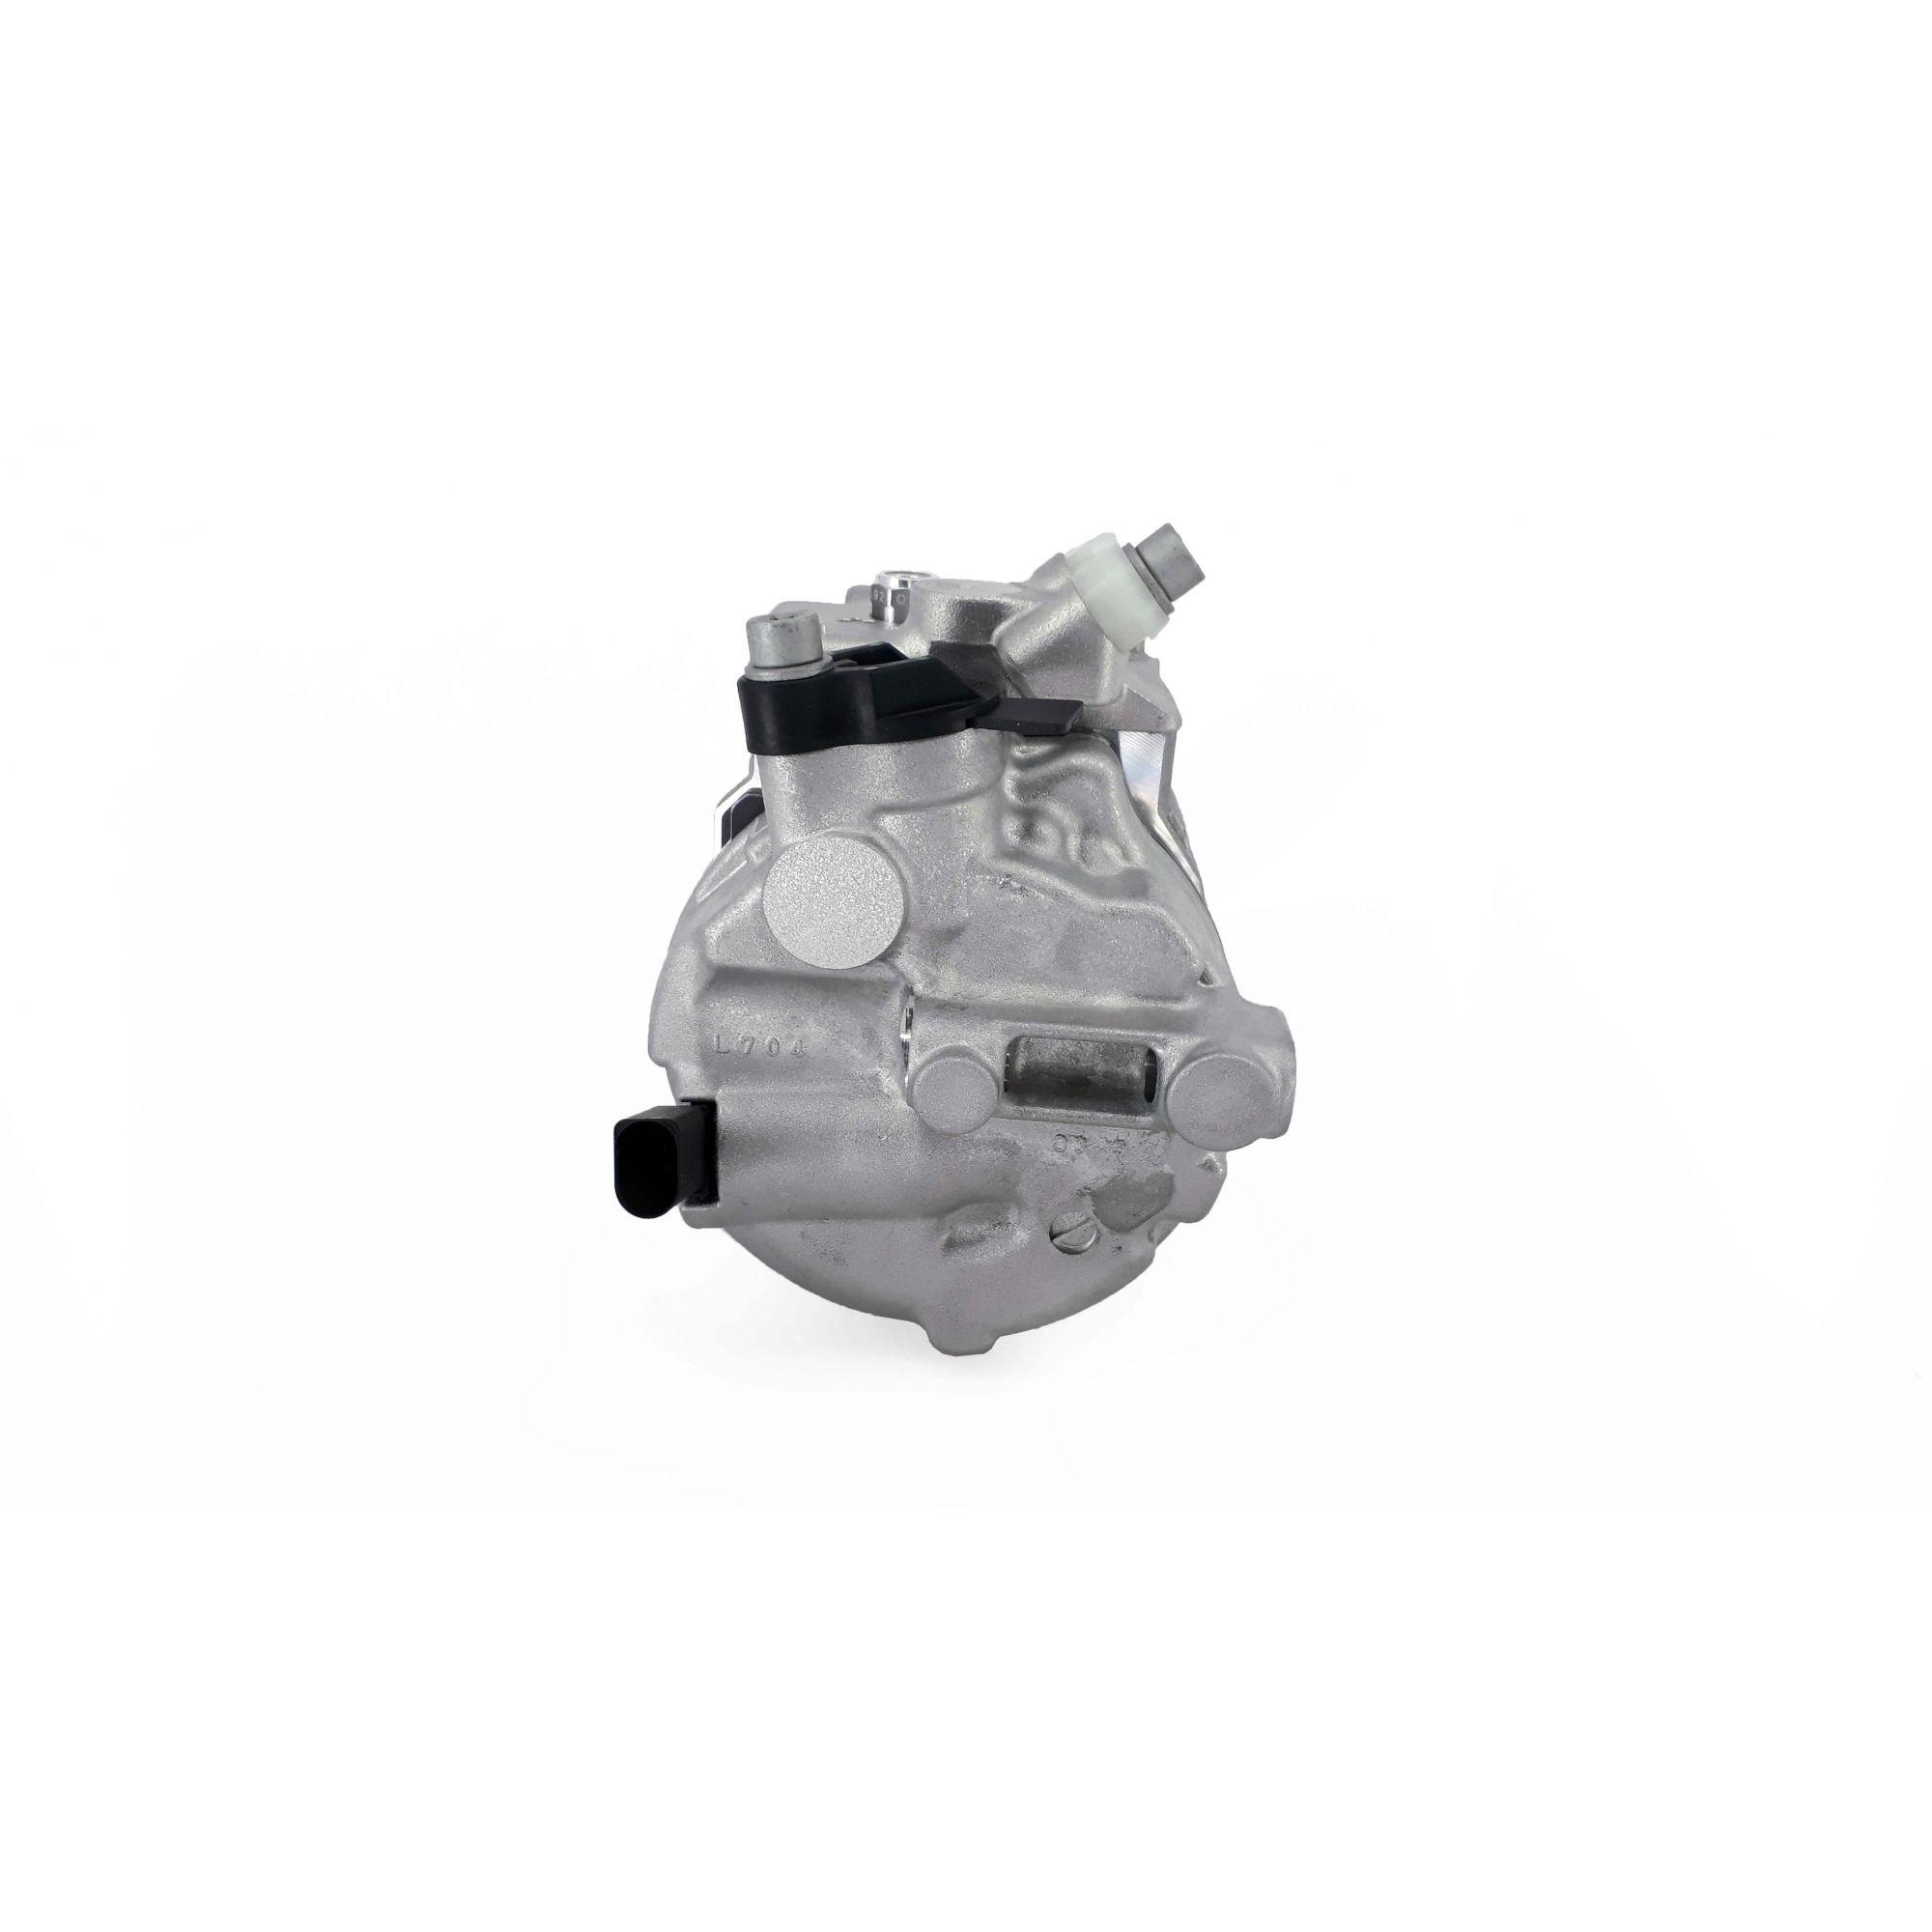 Compressor Amarok 2.0 até 2012 - DENSO